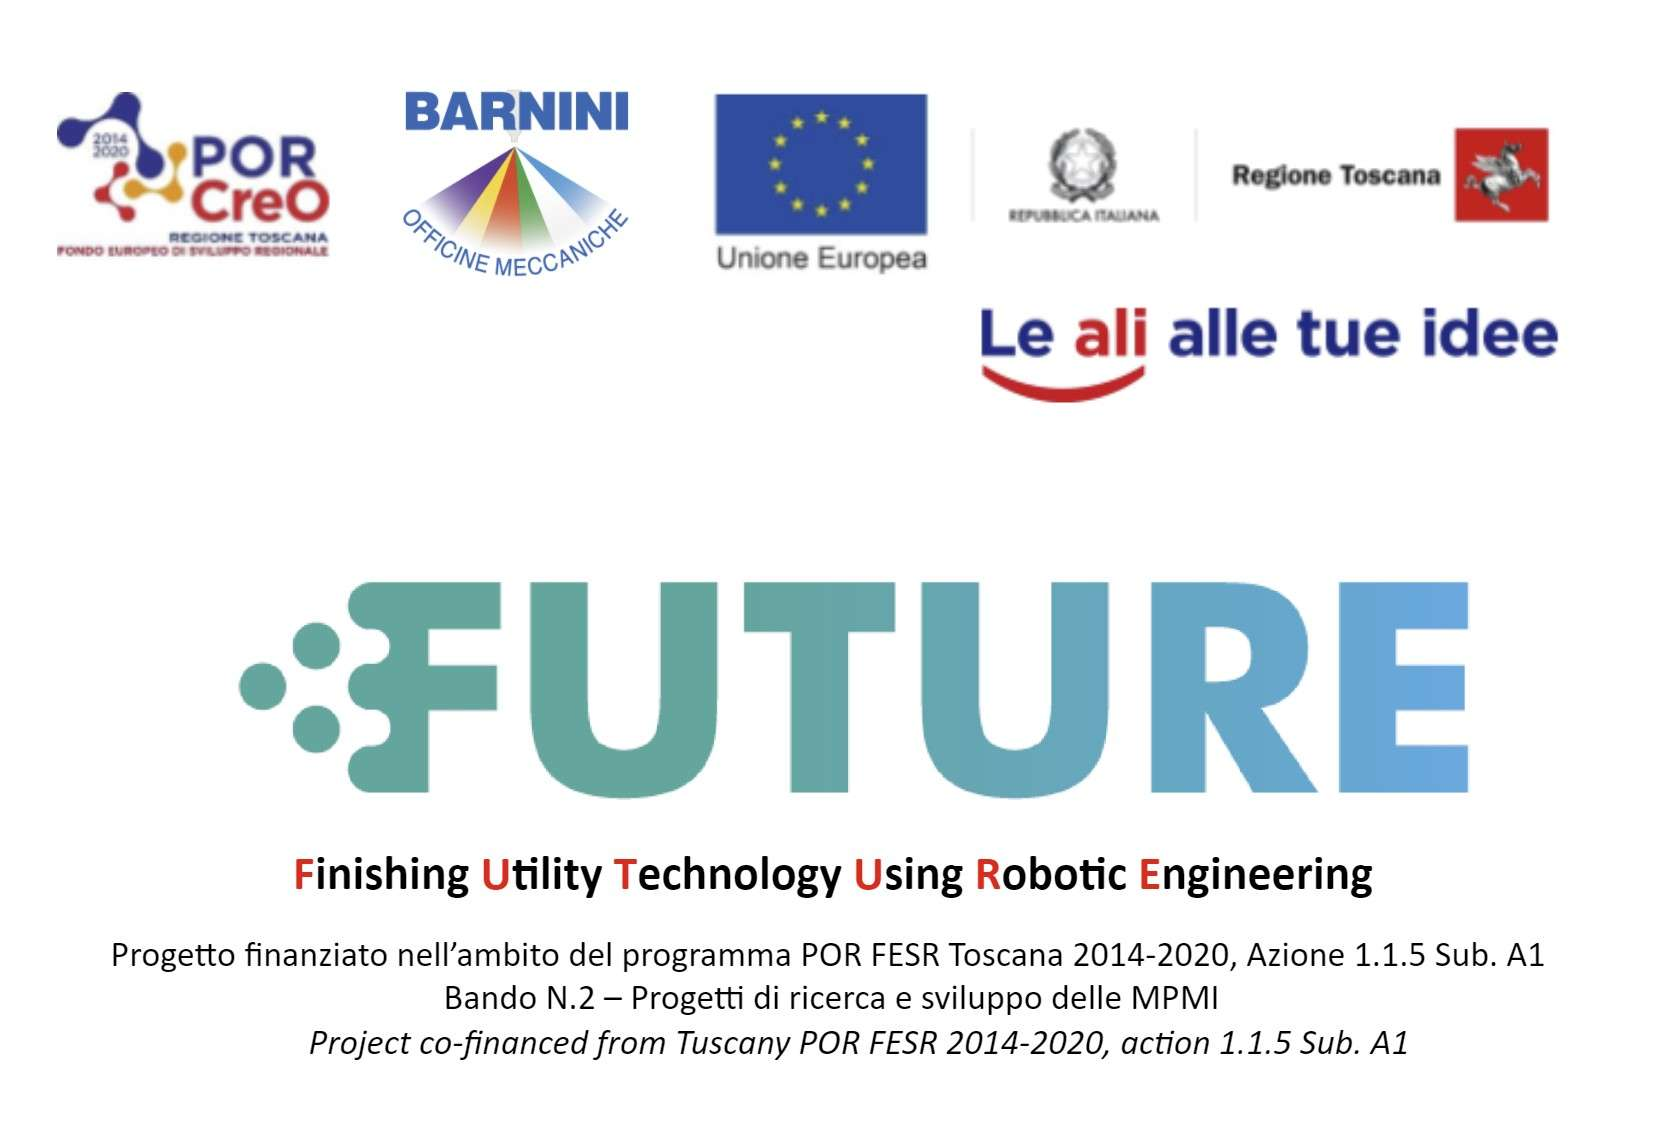 future-barnini